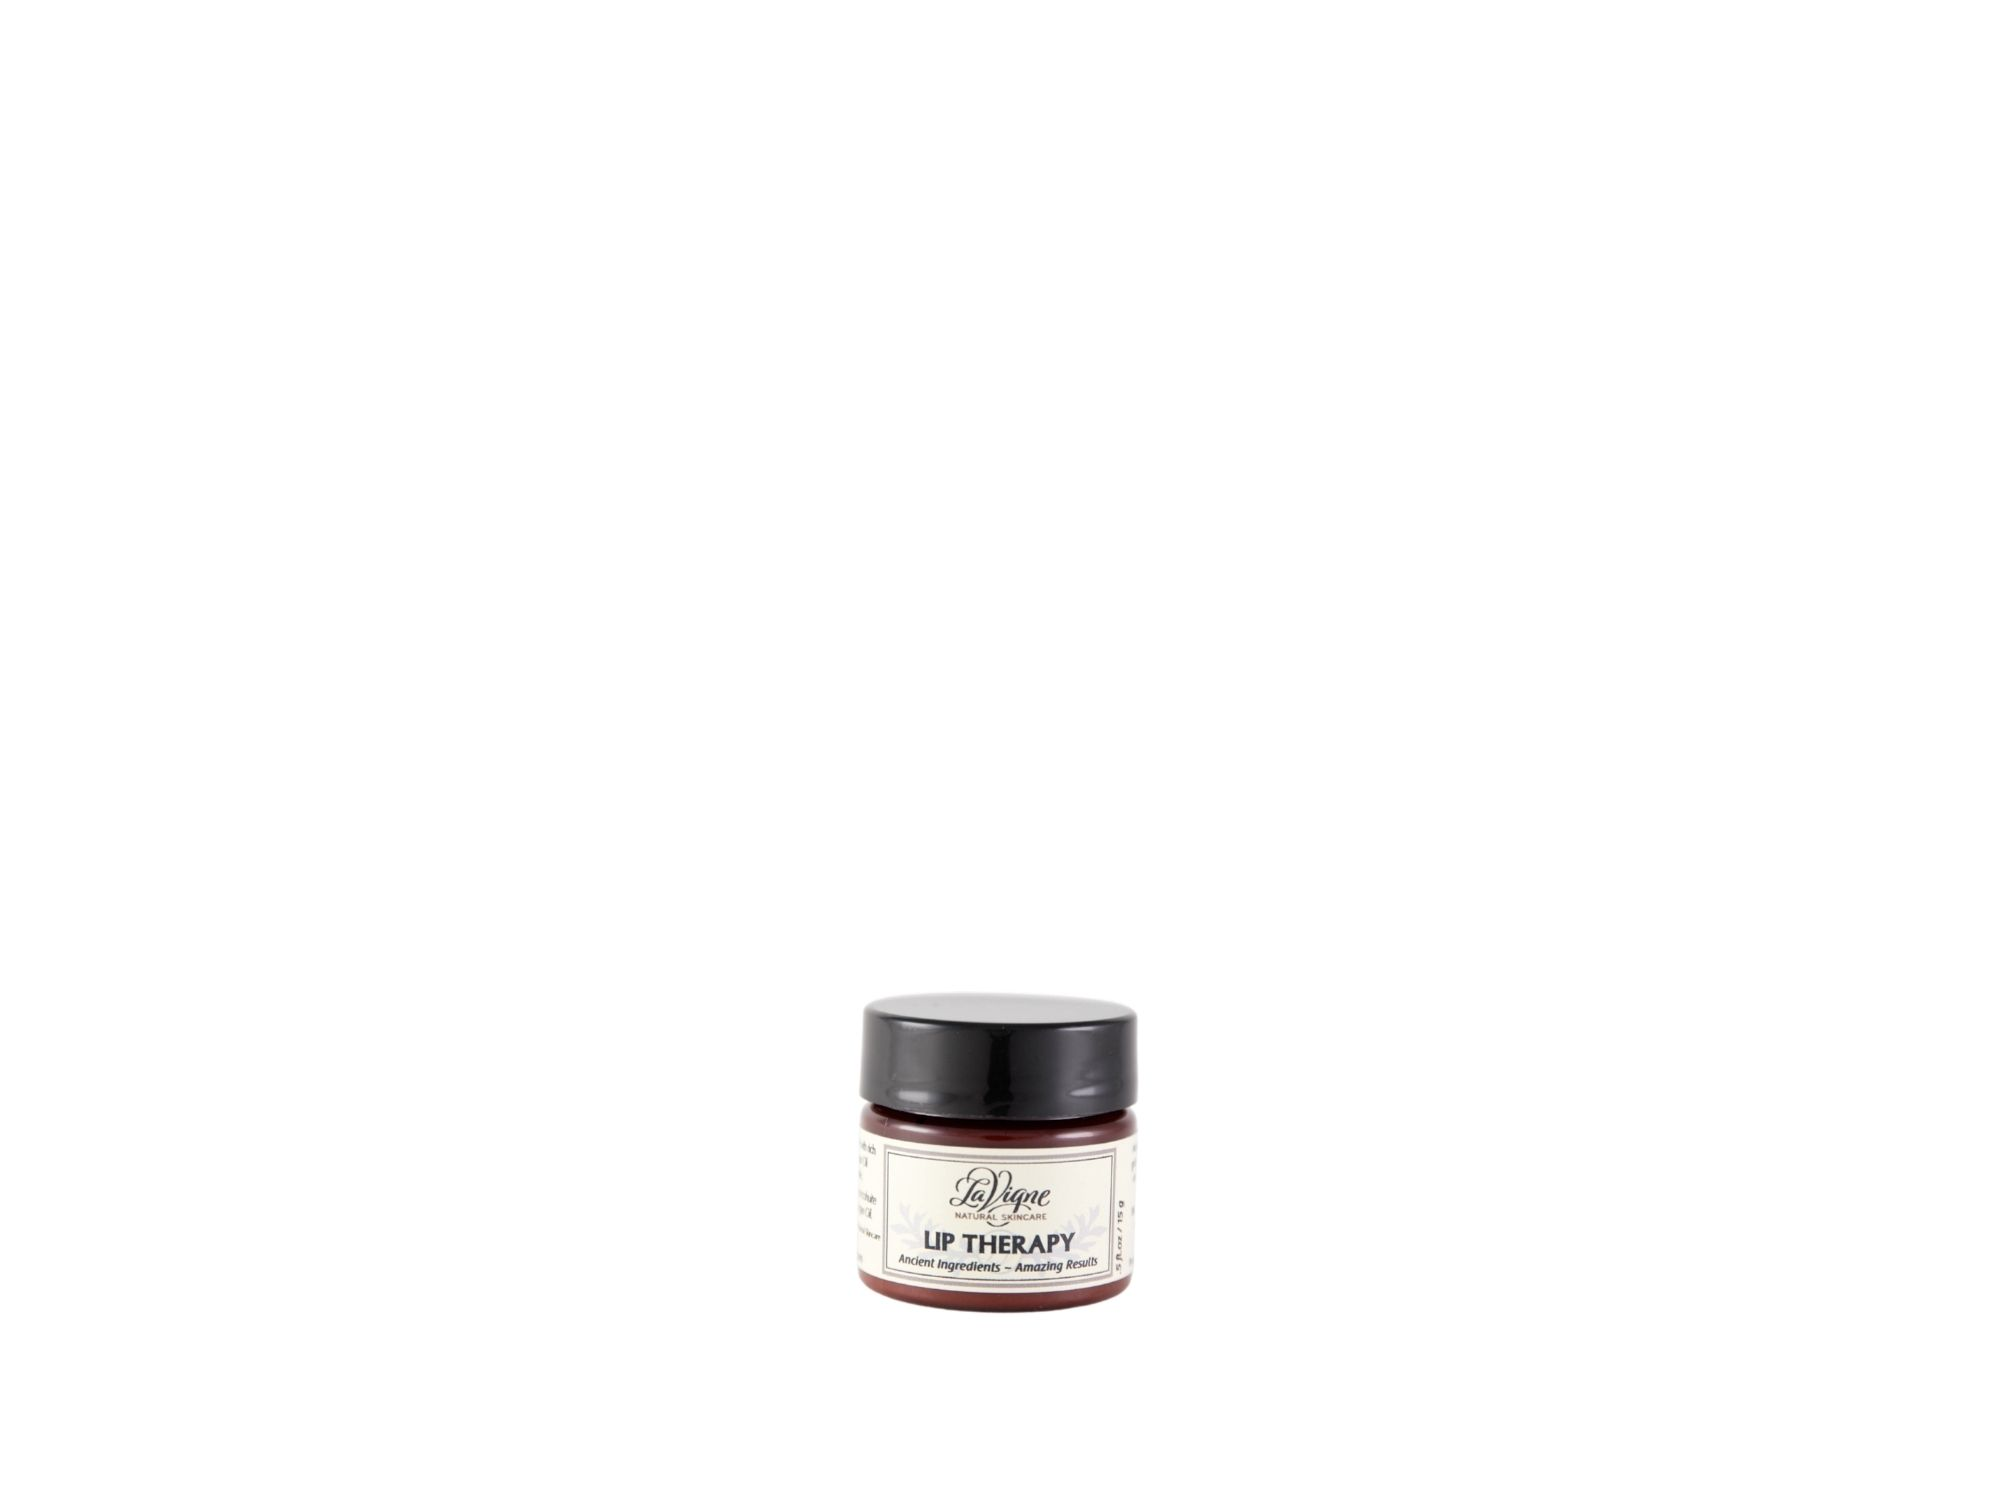 LaVigne Lip Therapy (15g jar)